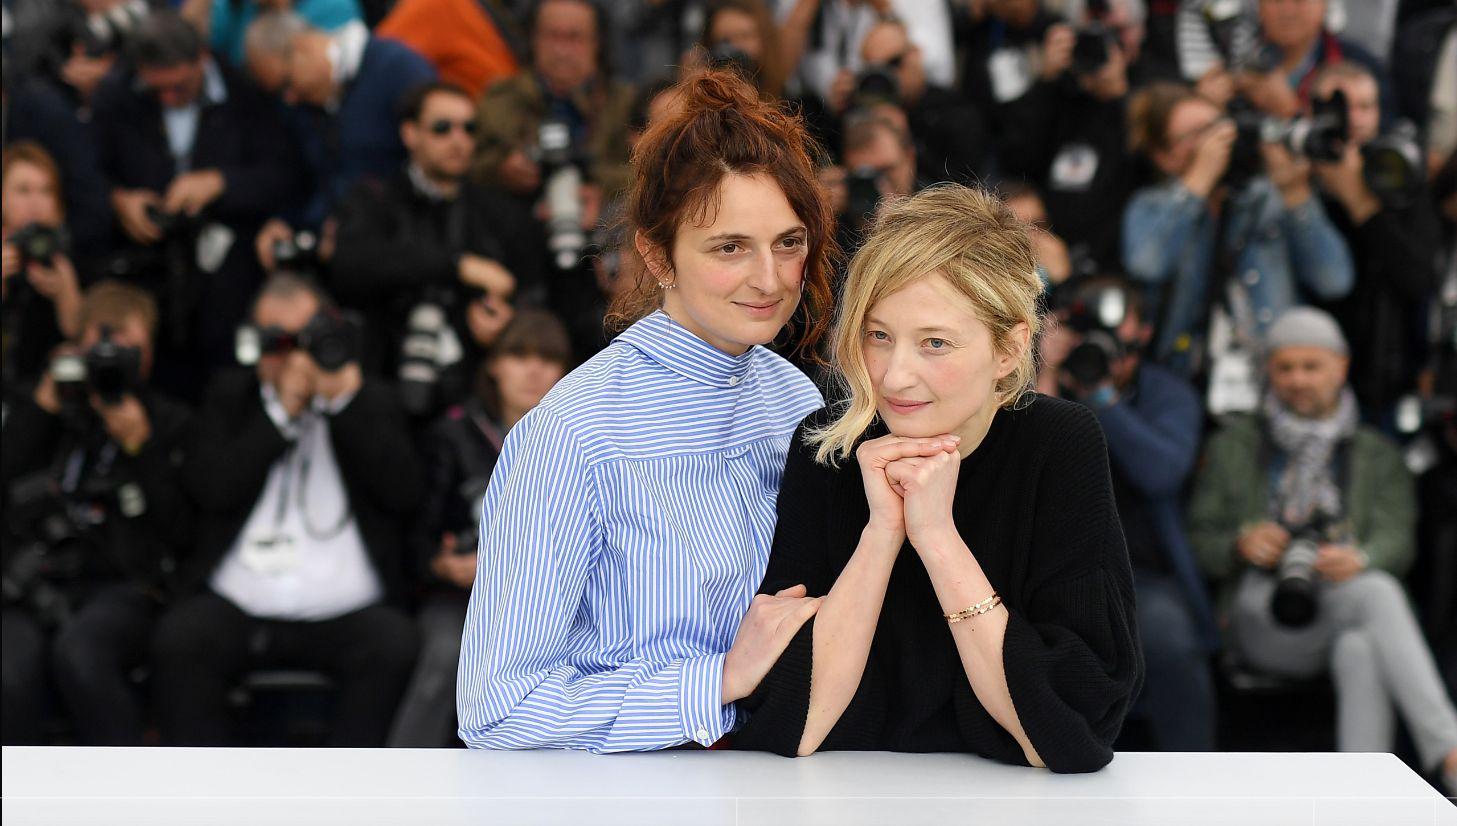 Lazzaro felice: Alice e Alba Rohrwacher a Cannes 2018